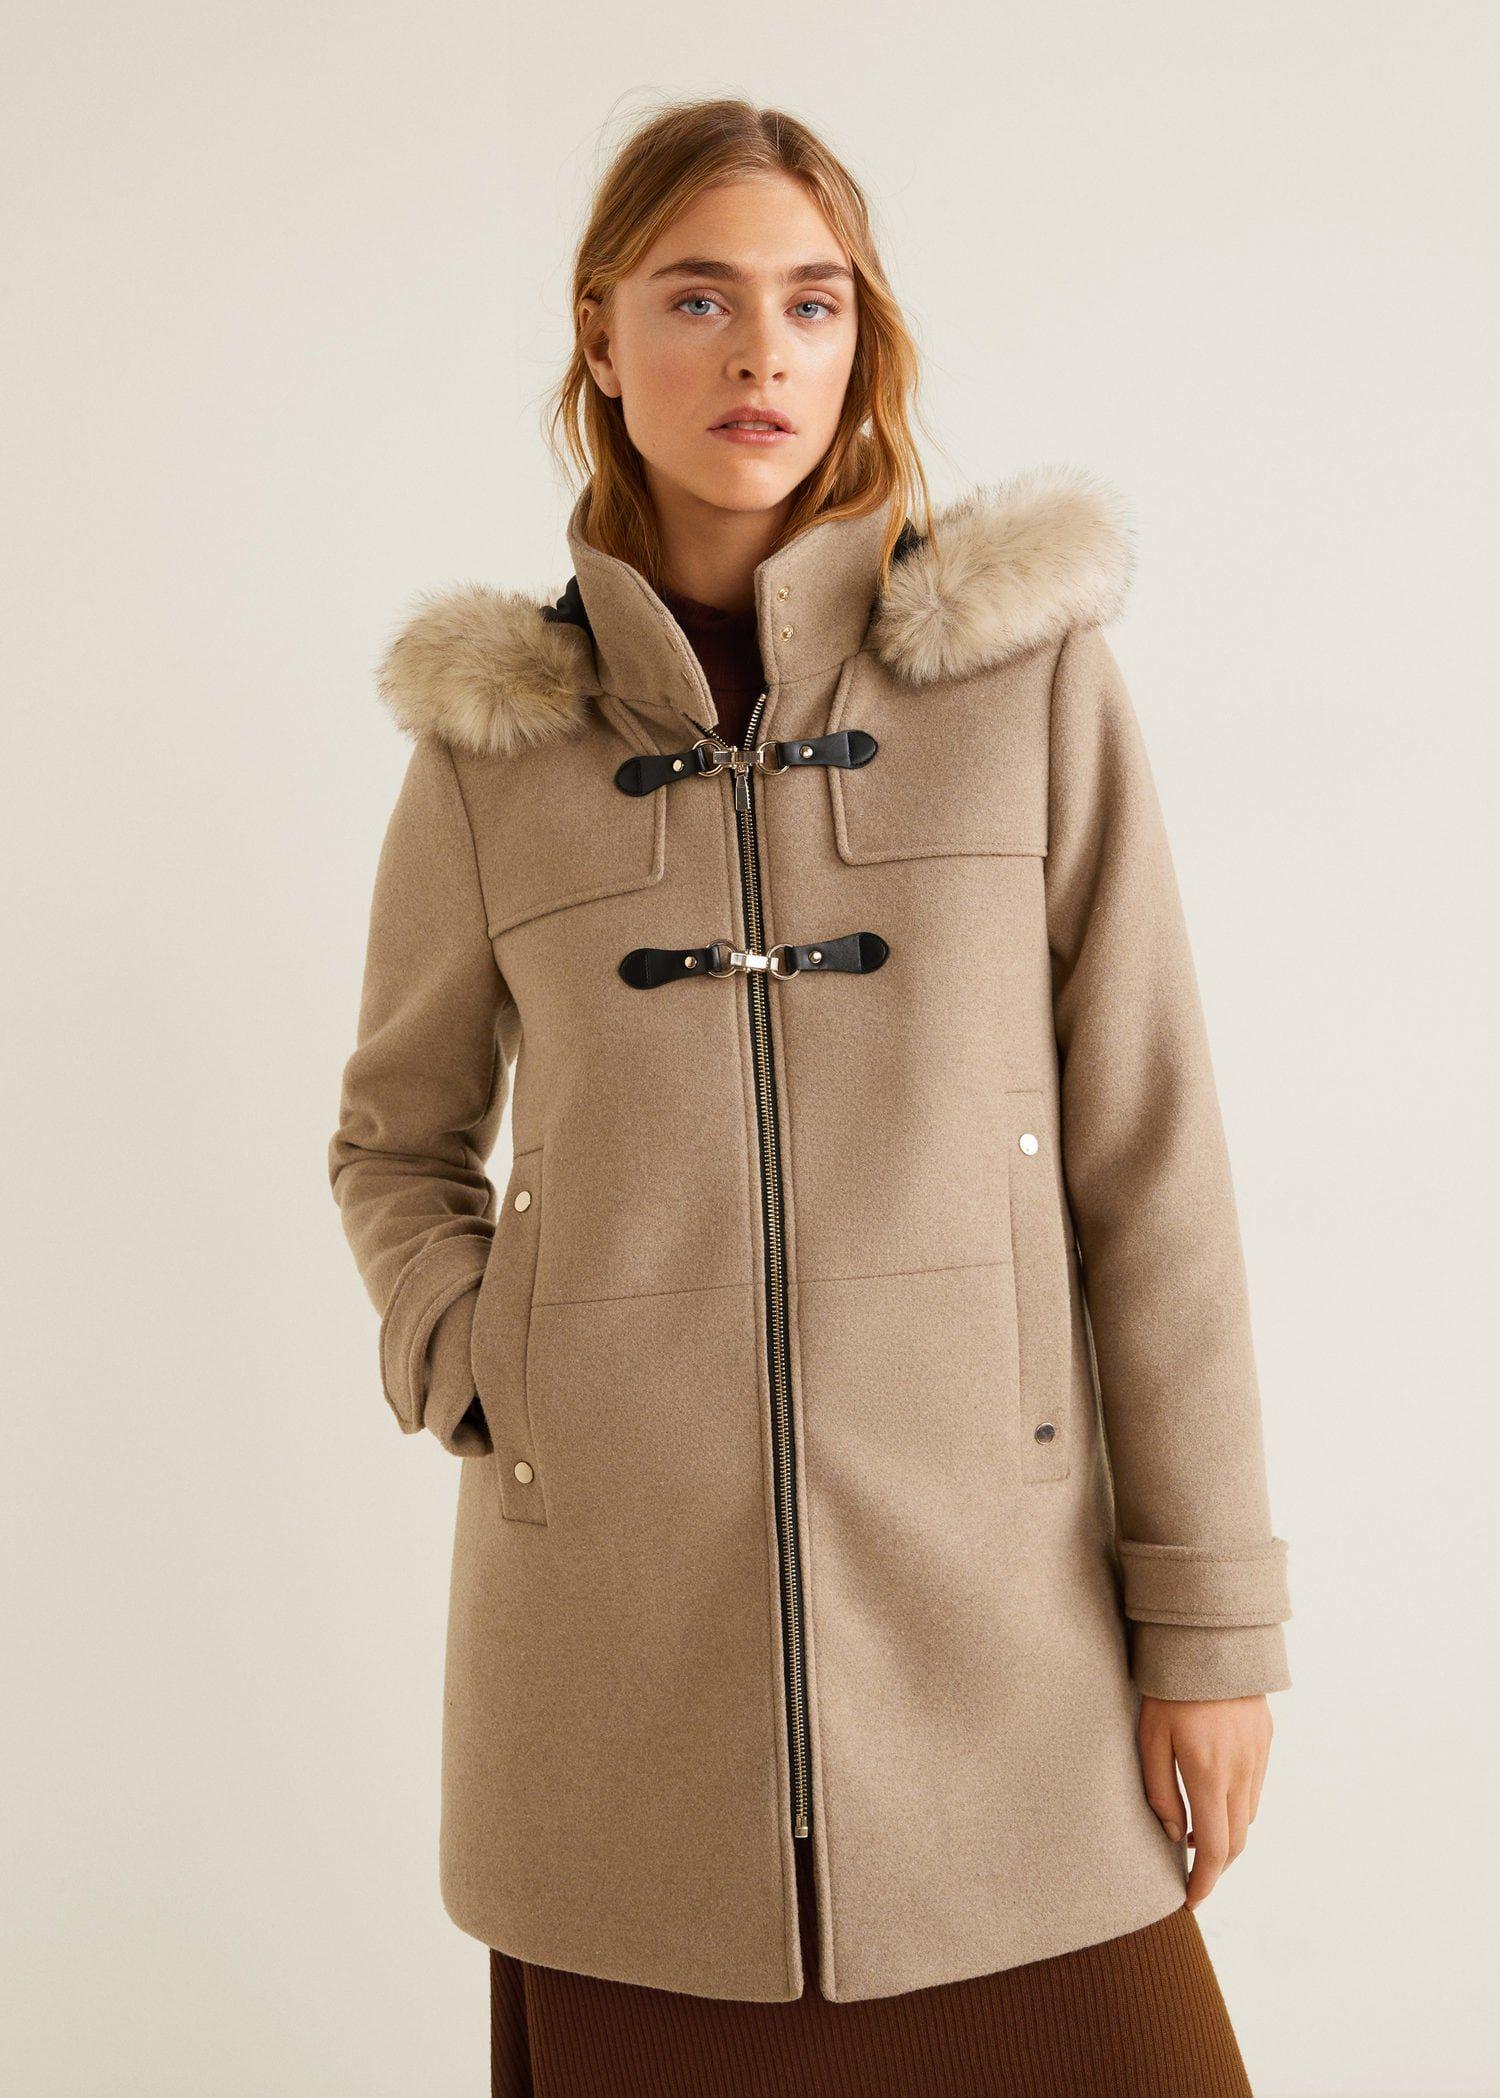 Manteau doudoune sandro